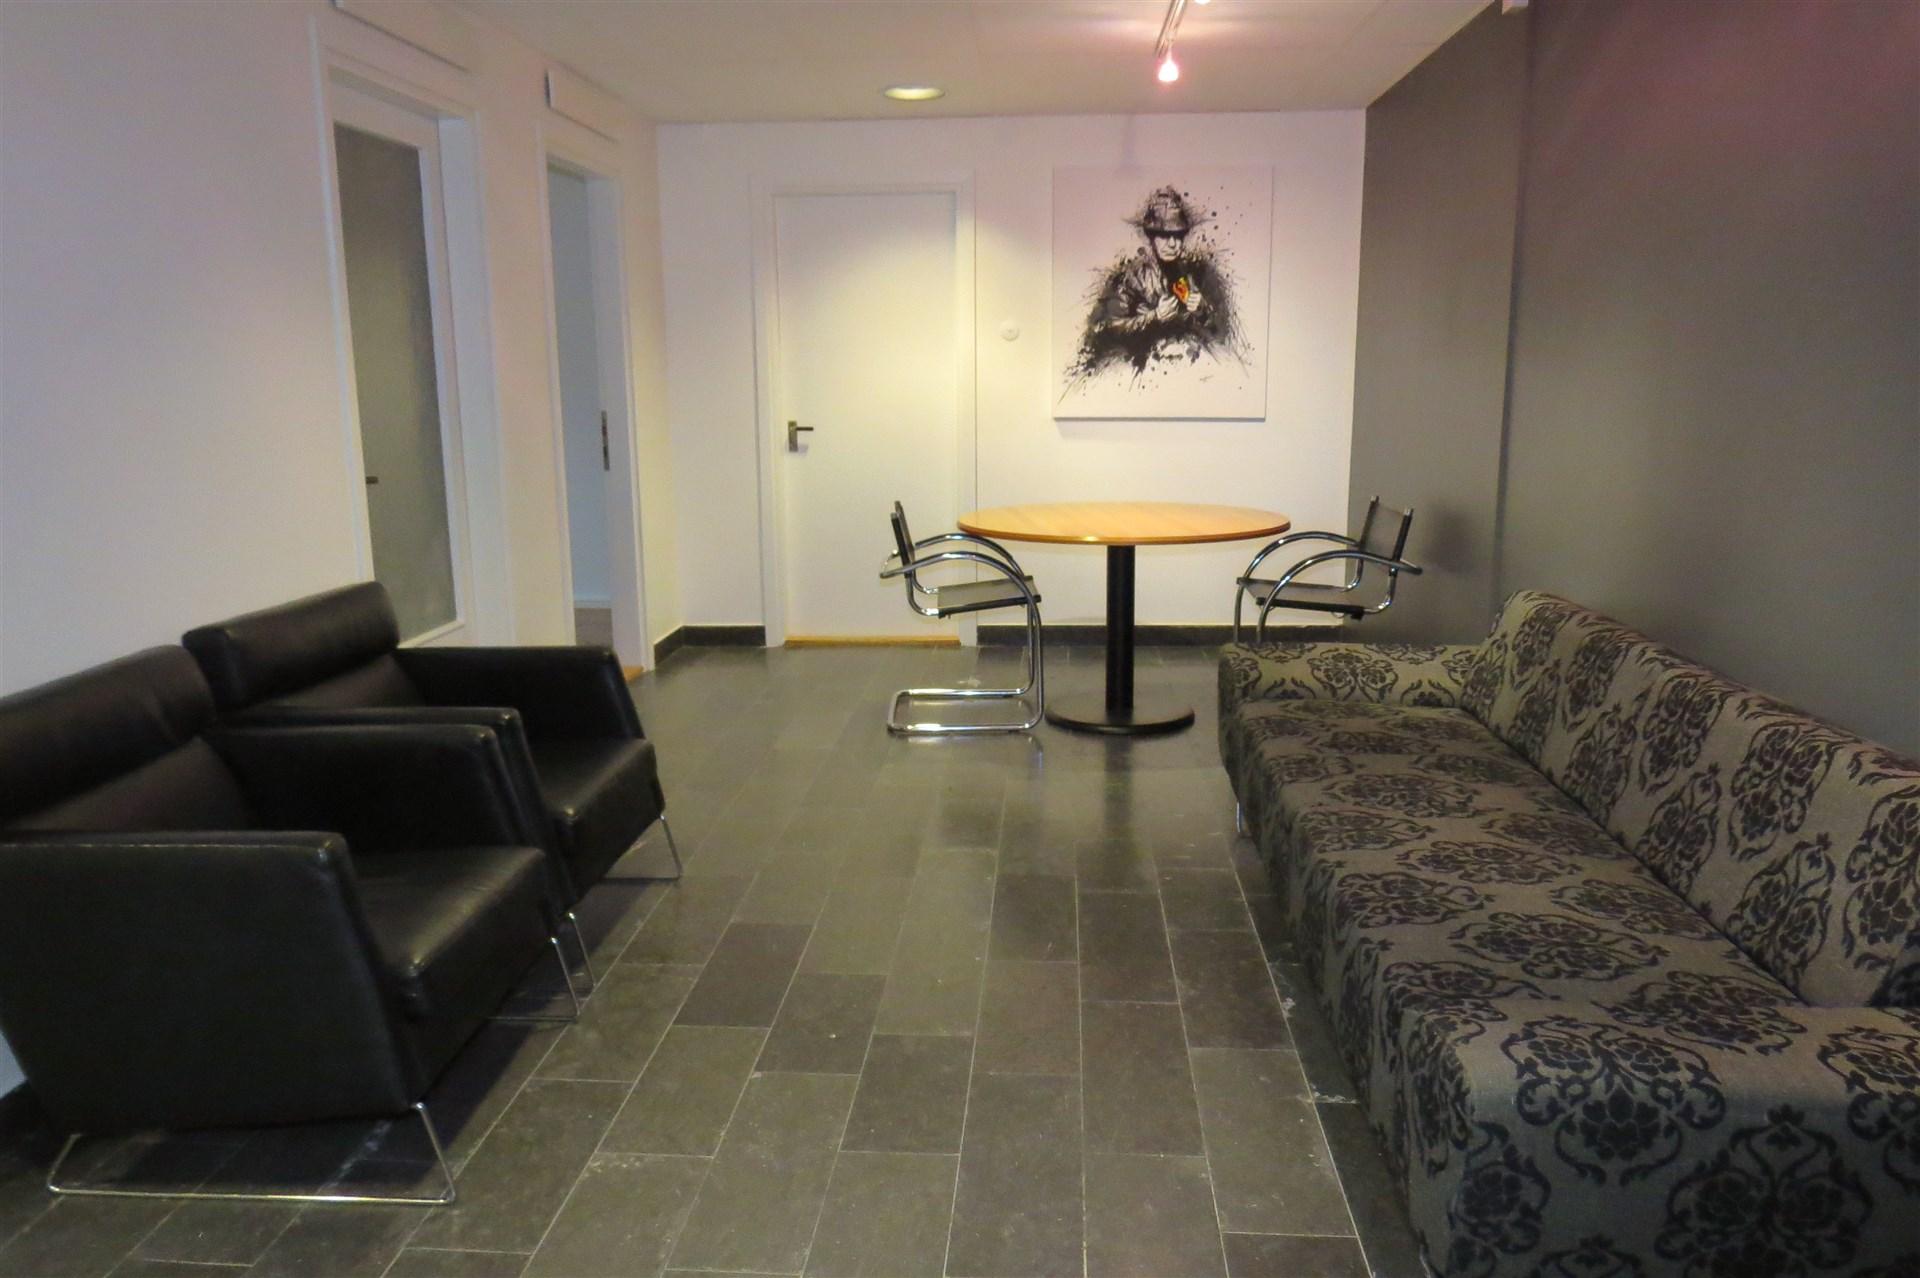 Mottagningsrum-/hall